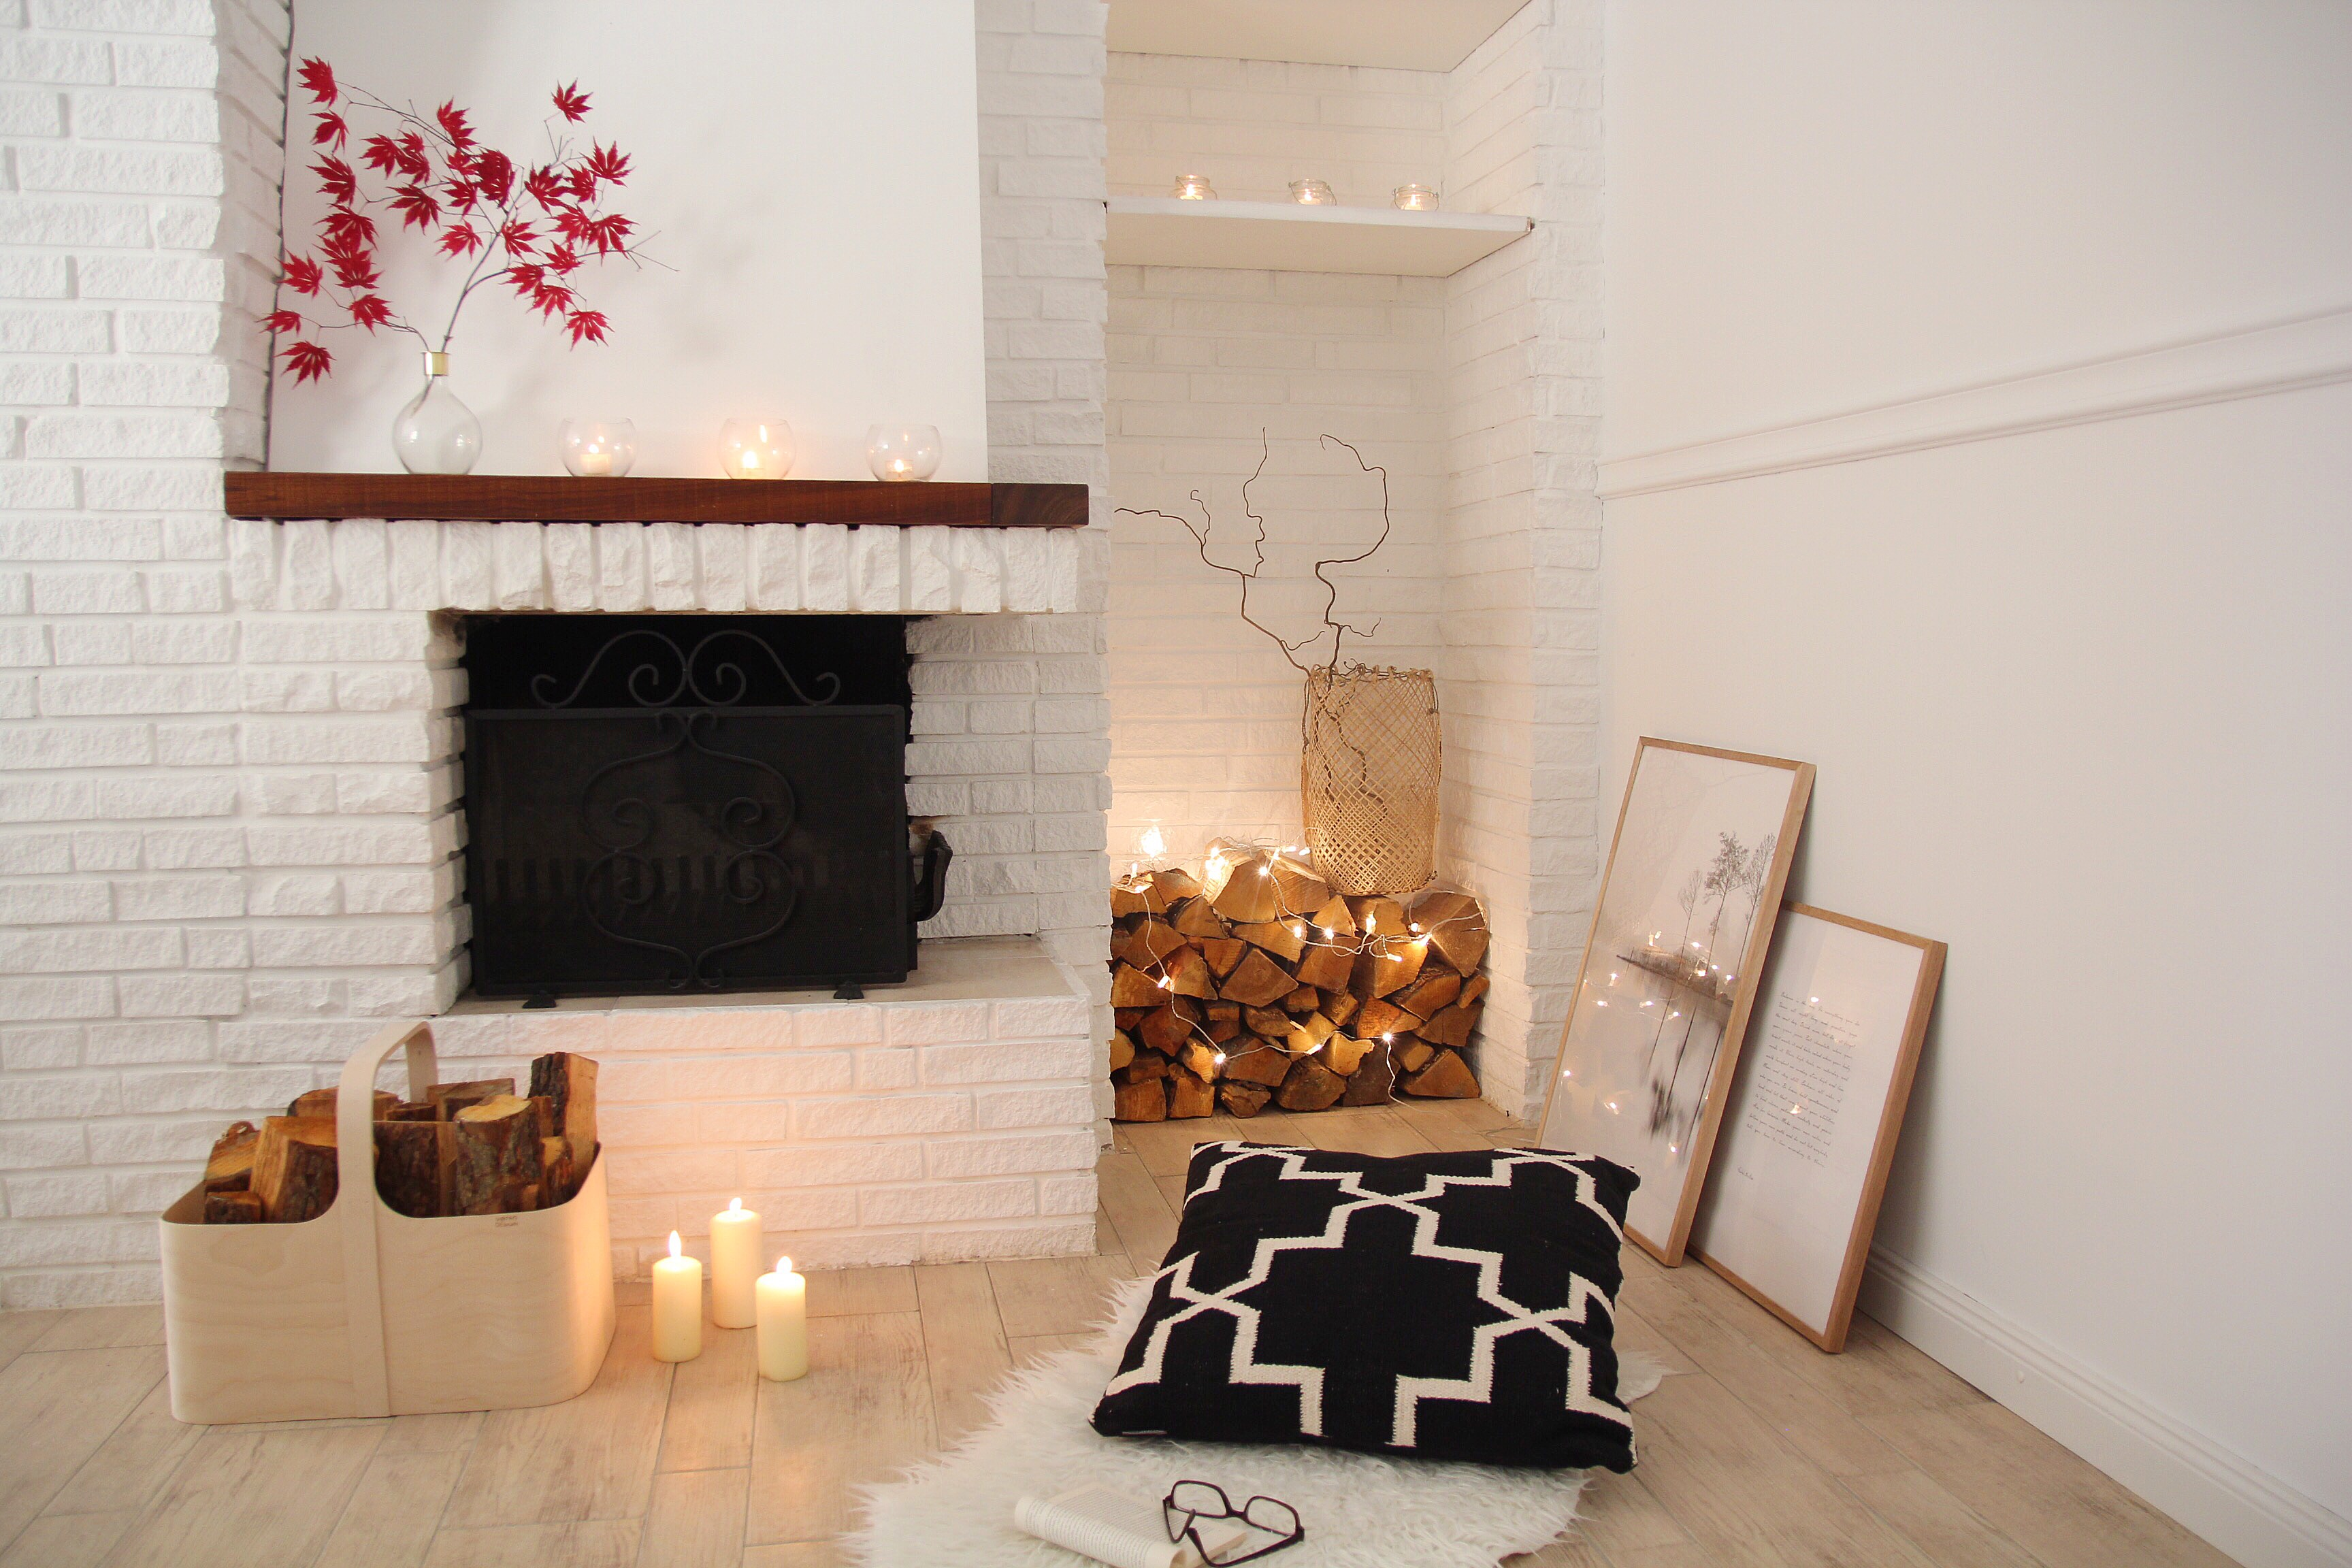 Wohnzimmer im Hygge-Stil einrichten – DESIGN DOTS